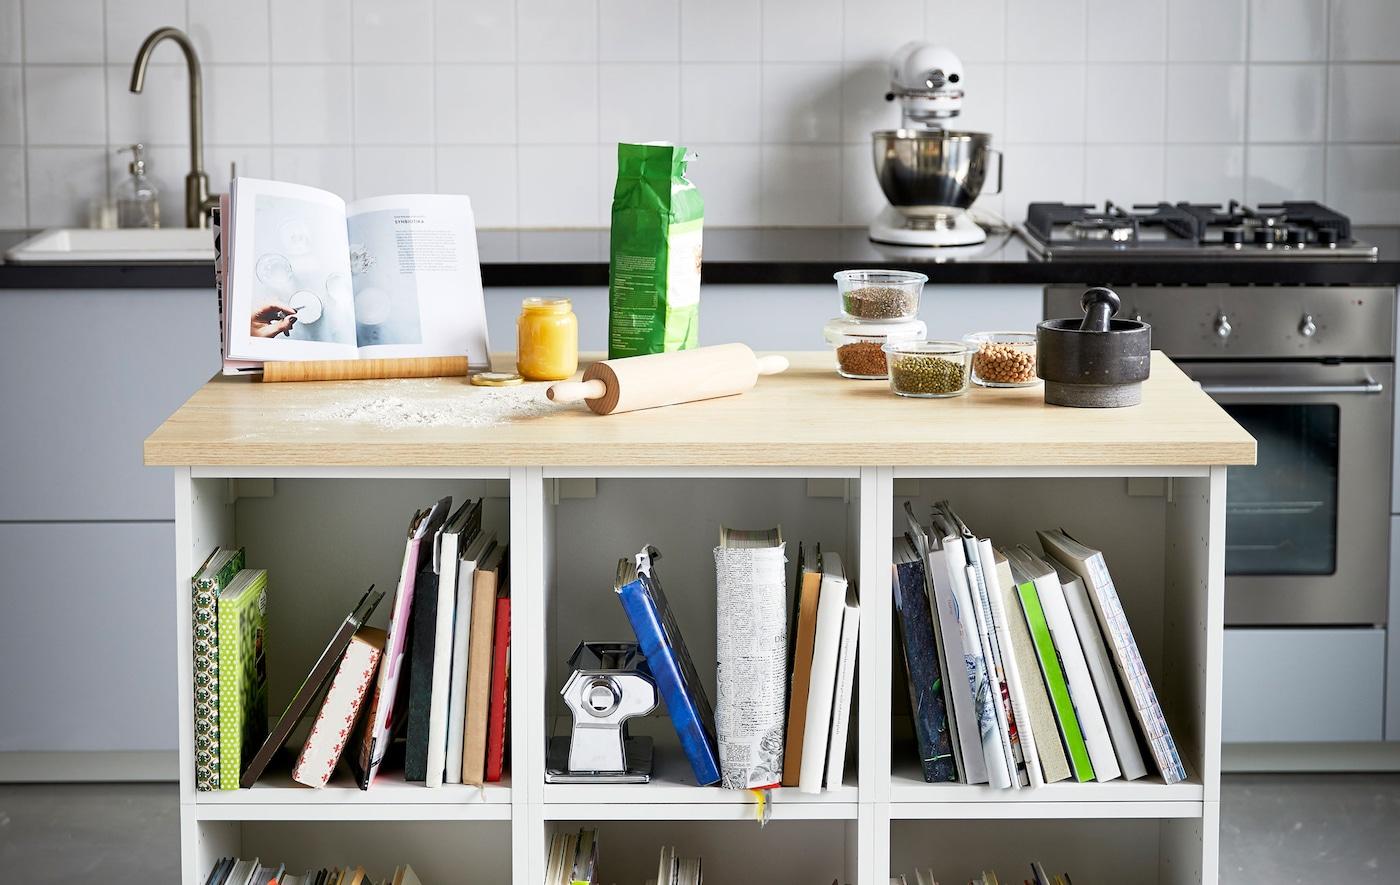 Îlot de cuisine avec plan de travail en bois et étagères intégrées. L'idéal pour faire de la pâtisserie et ranger ses livres de recettes.